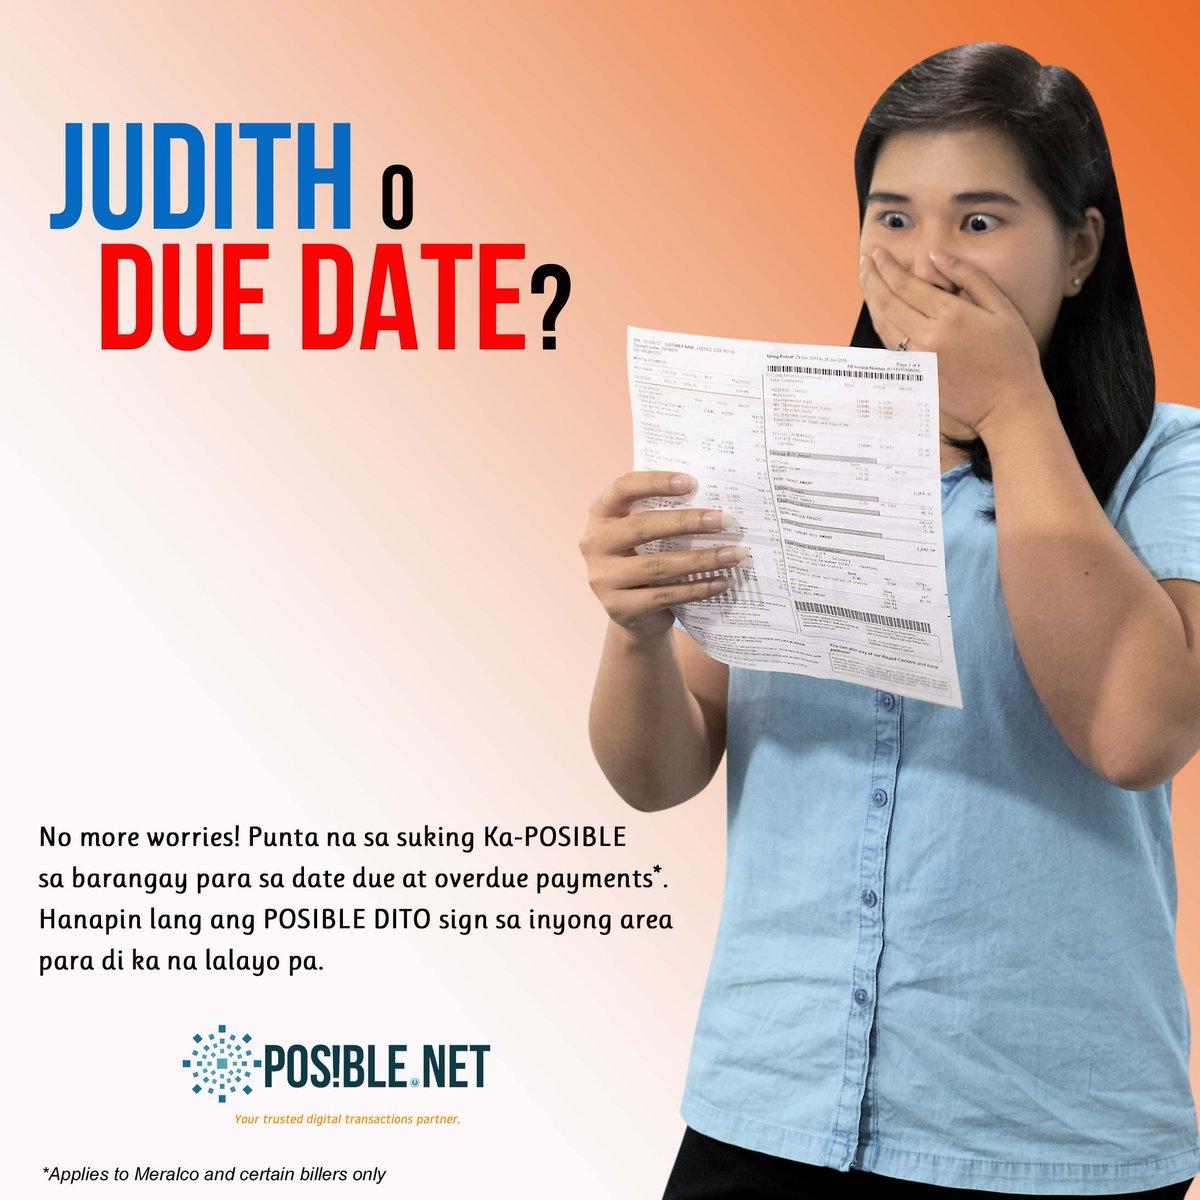 test Twitter Media - Di kailangang maging horror story ang pagdating ni #Judith! Hanapin lang ang #POSIBLEDITO sign sa inyong barangay para di ka na lalayo pa para sa date due at overdue payments. #lahatPOSIBLEdito https://t.co/zCgEb3WYqe